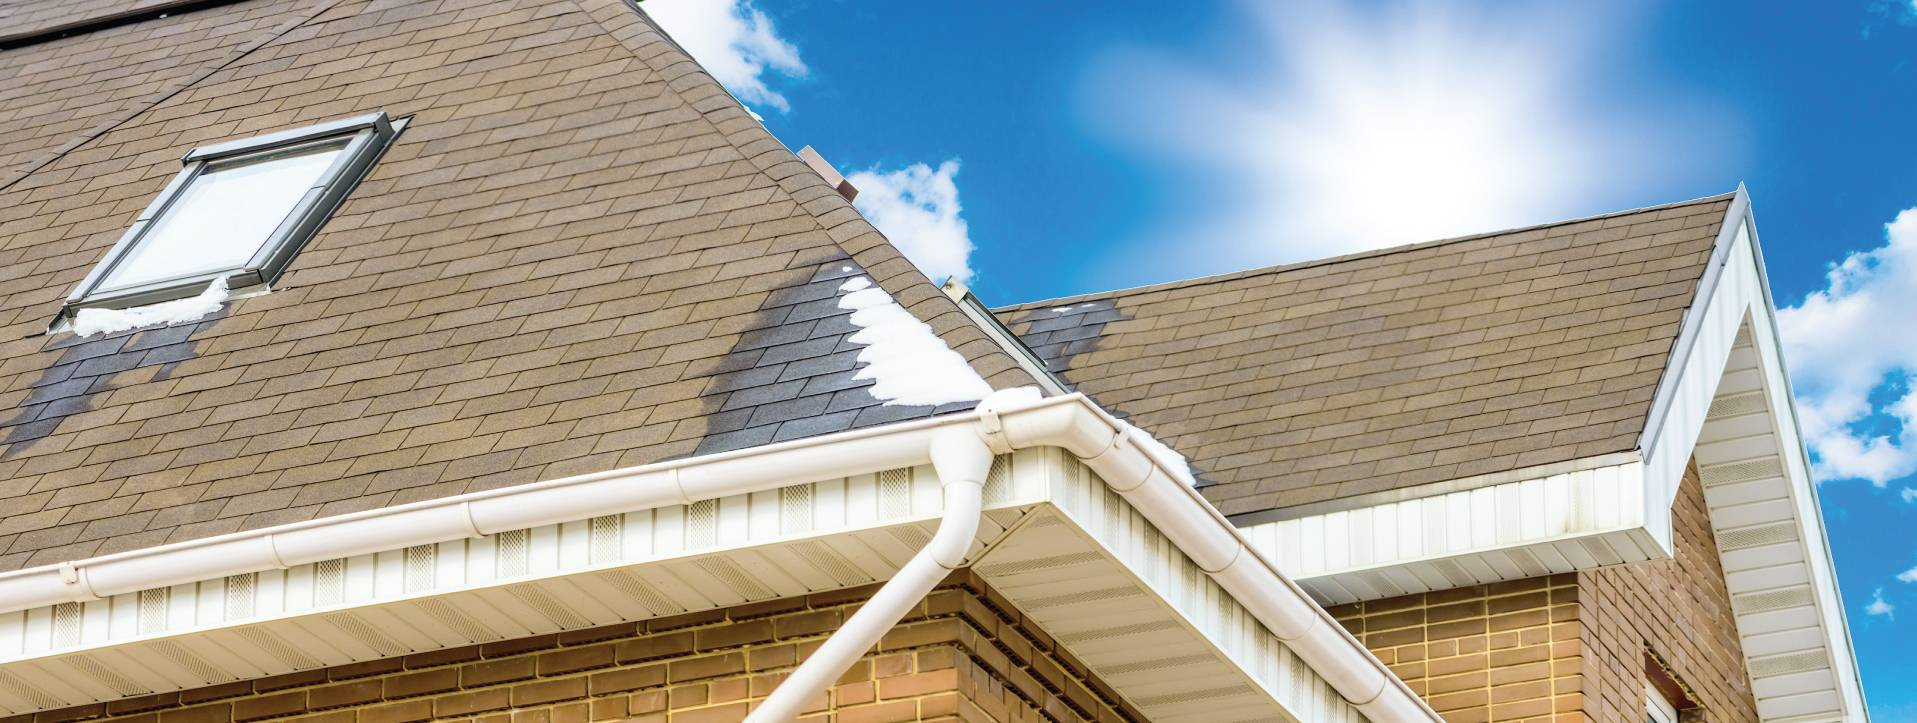 Hank's Roofing Ltd